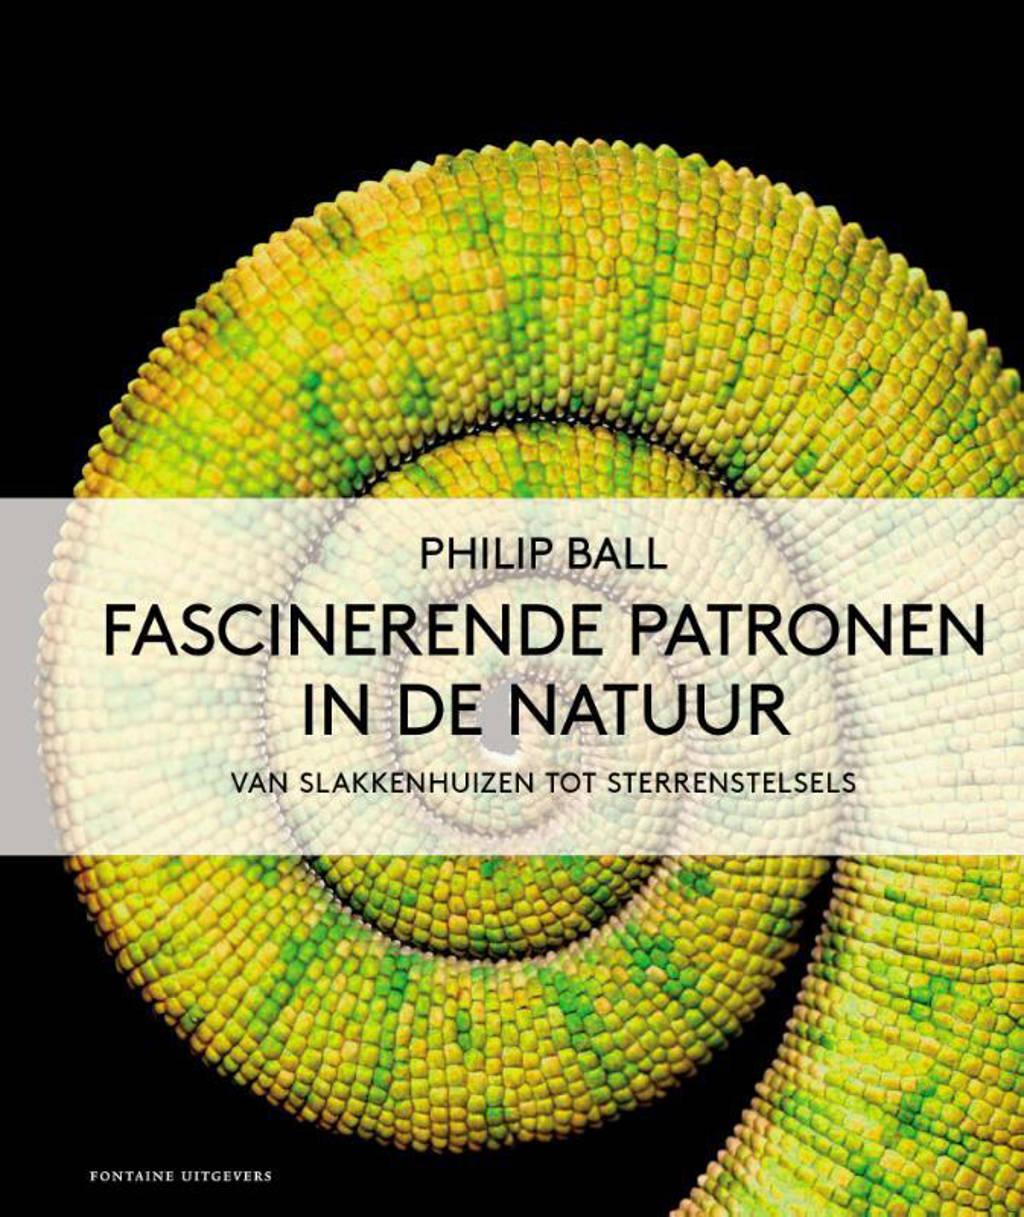 Fascinerende patronen in de natuur - Philip Ball